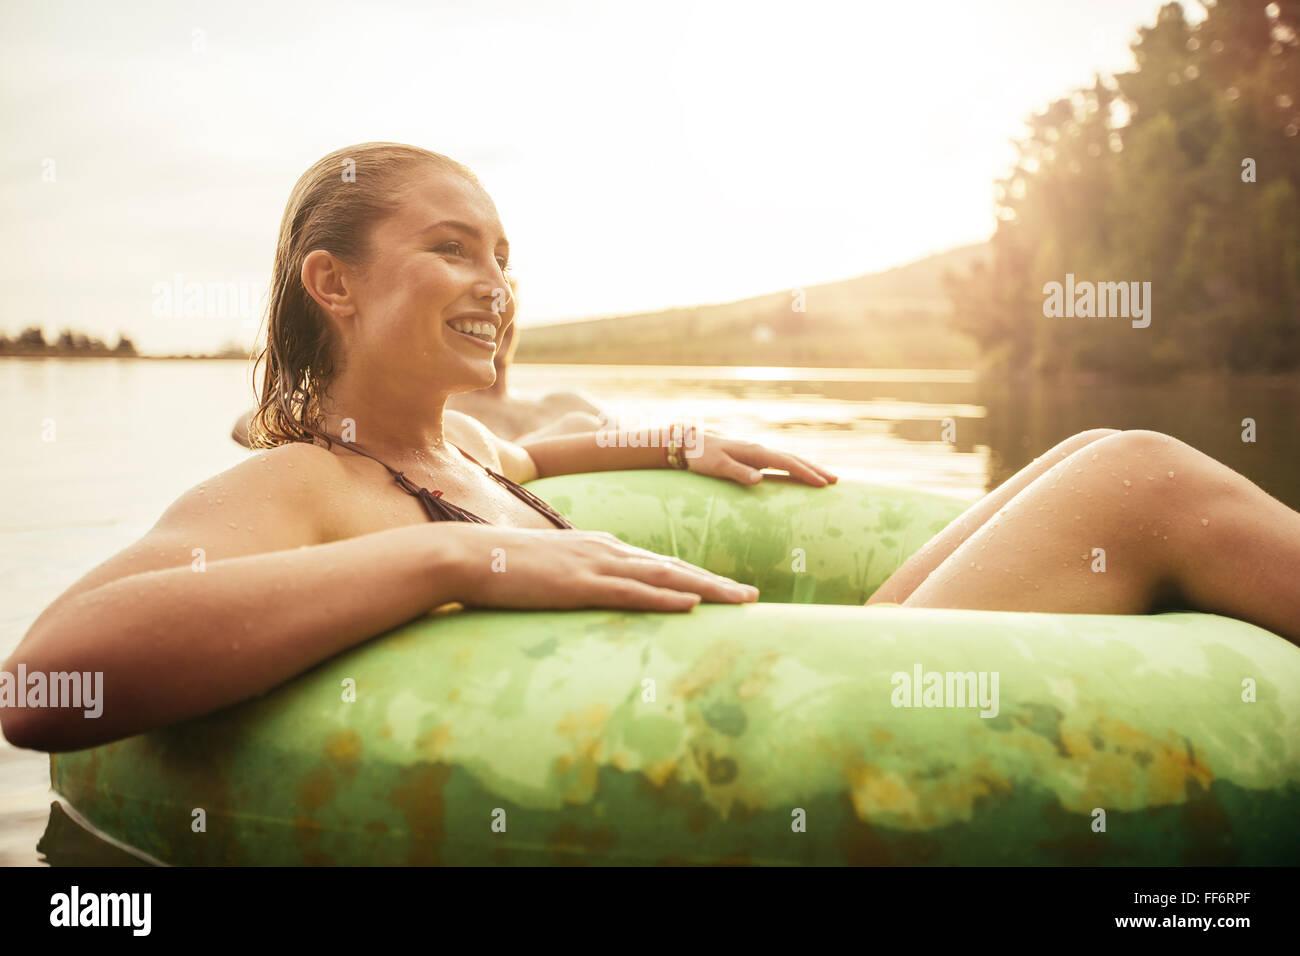 Ritratto di felice giovane donna nel lago su anello gonfiabile che guarda lontano e sorridente. Giovane ragazza Immagini Stock